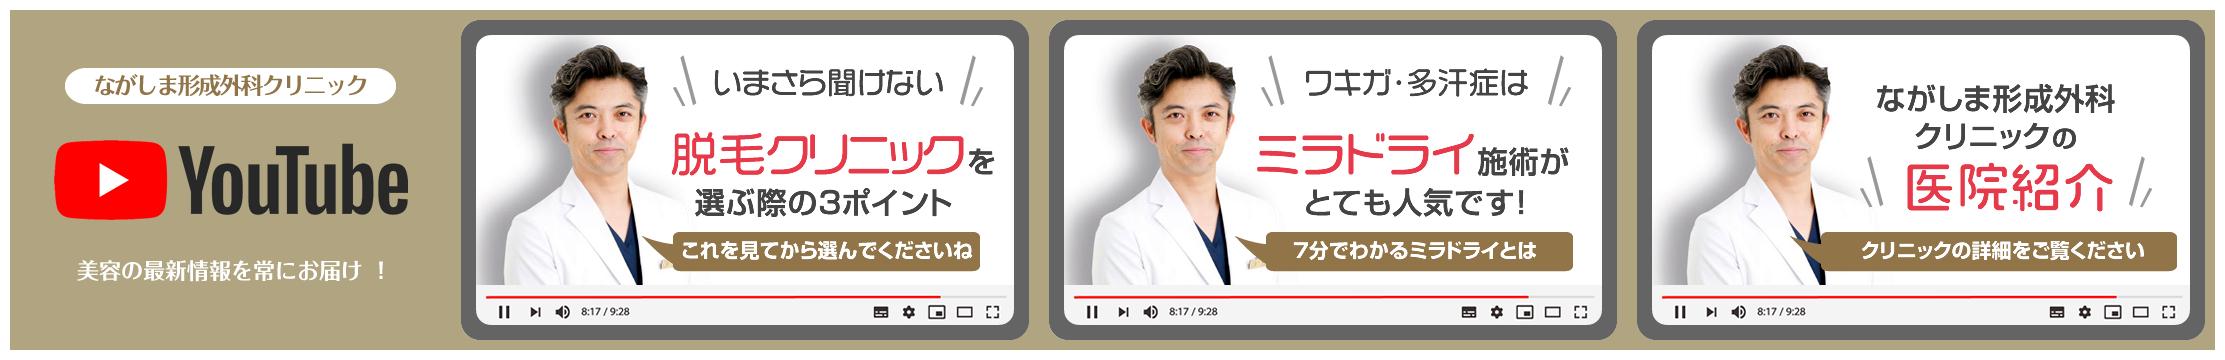 YouTube 美容の最新情報をお届け!